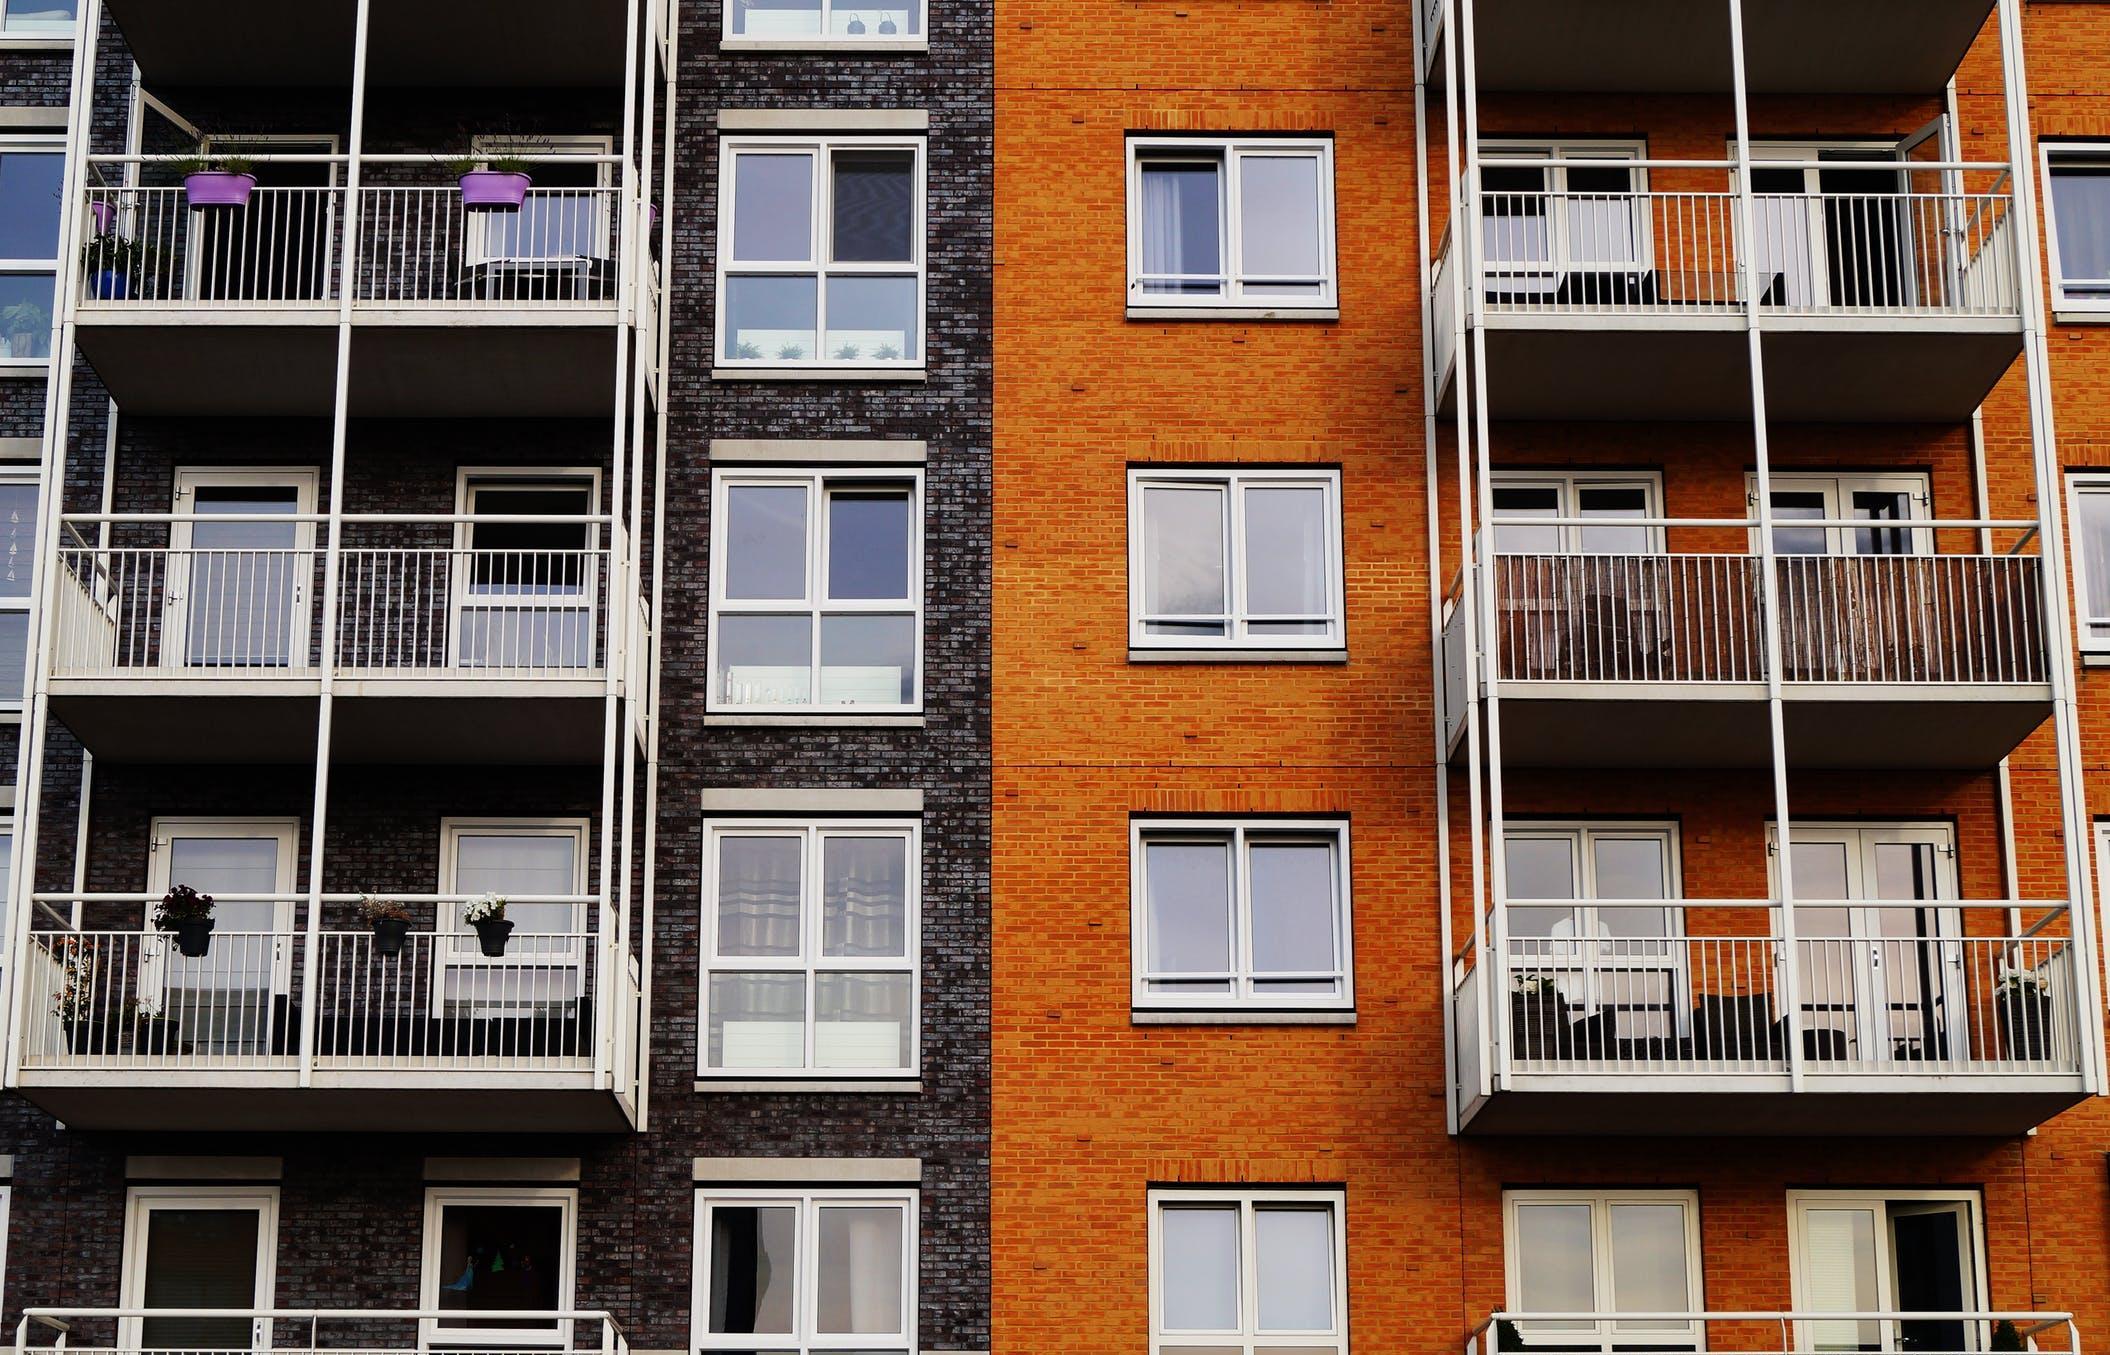 Группа ВТБ: стоимость апартаментов будет выравниваться со стоимостью квартир - новости Афанасий